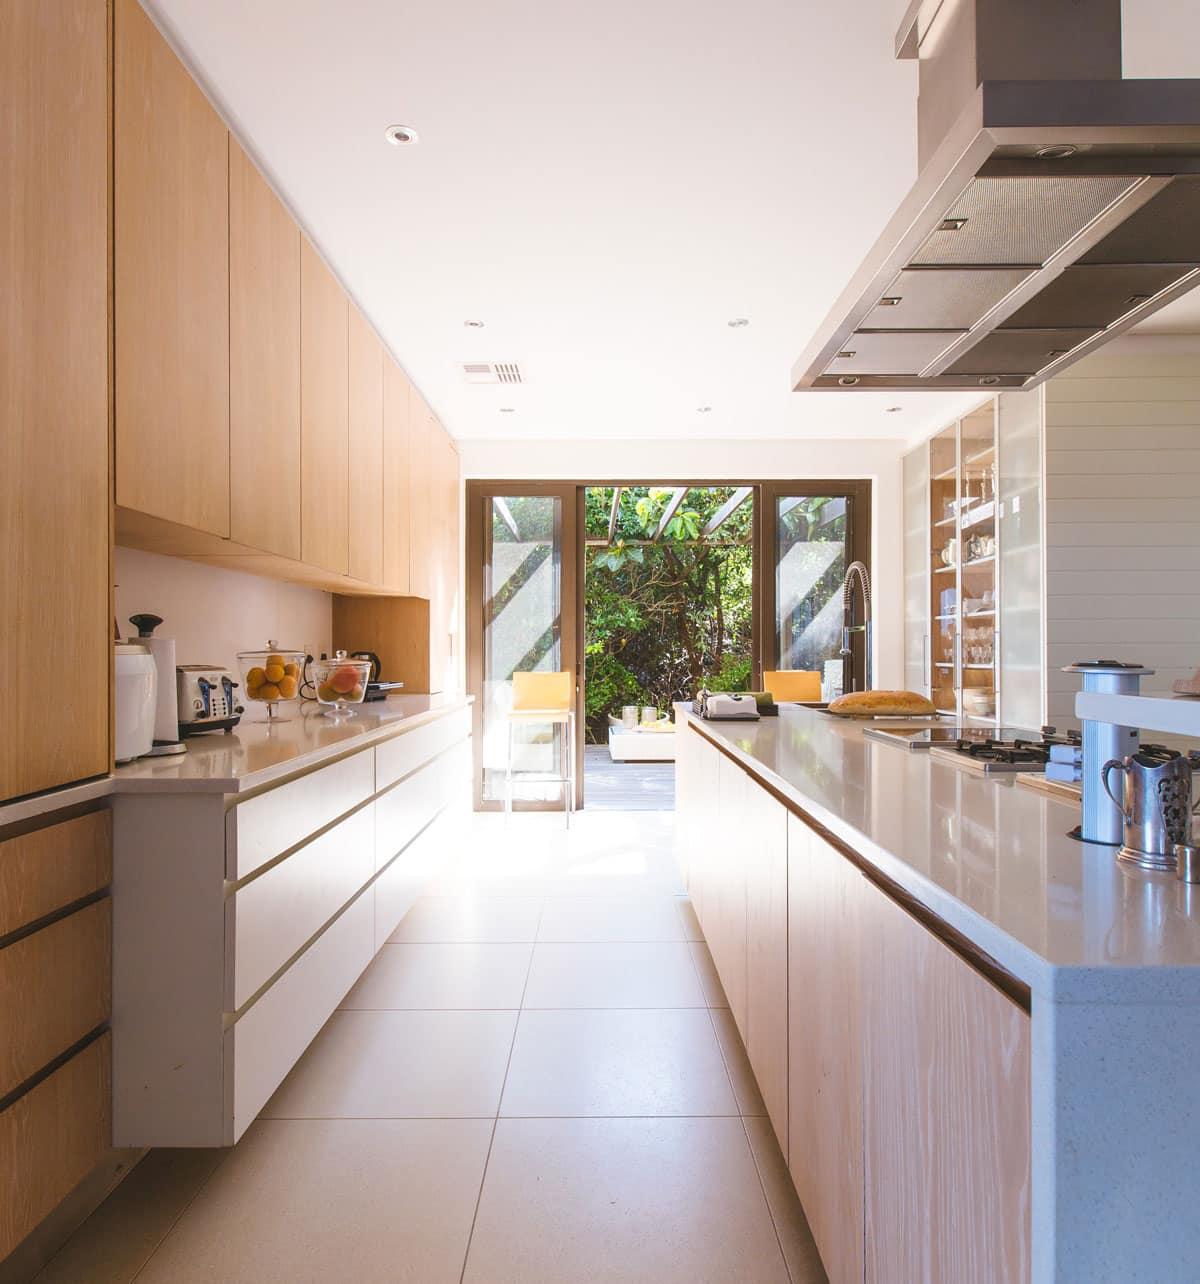 Eine Moderne Küche mit Blick auf die Terrasse